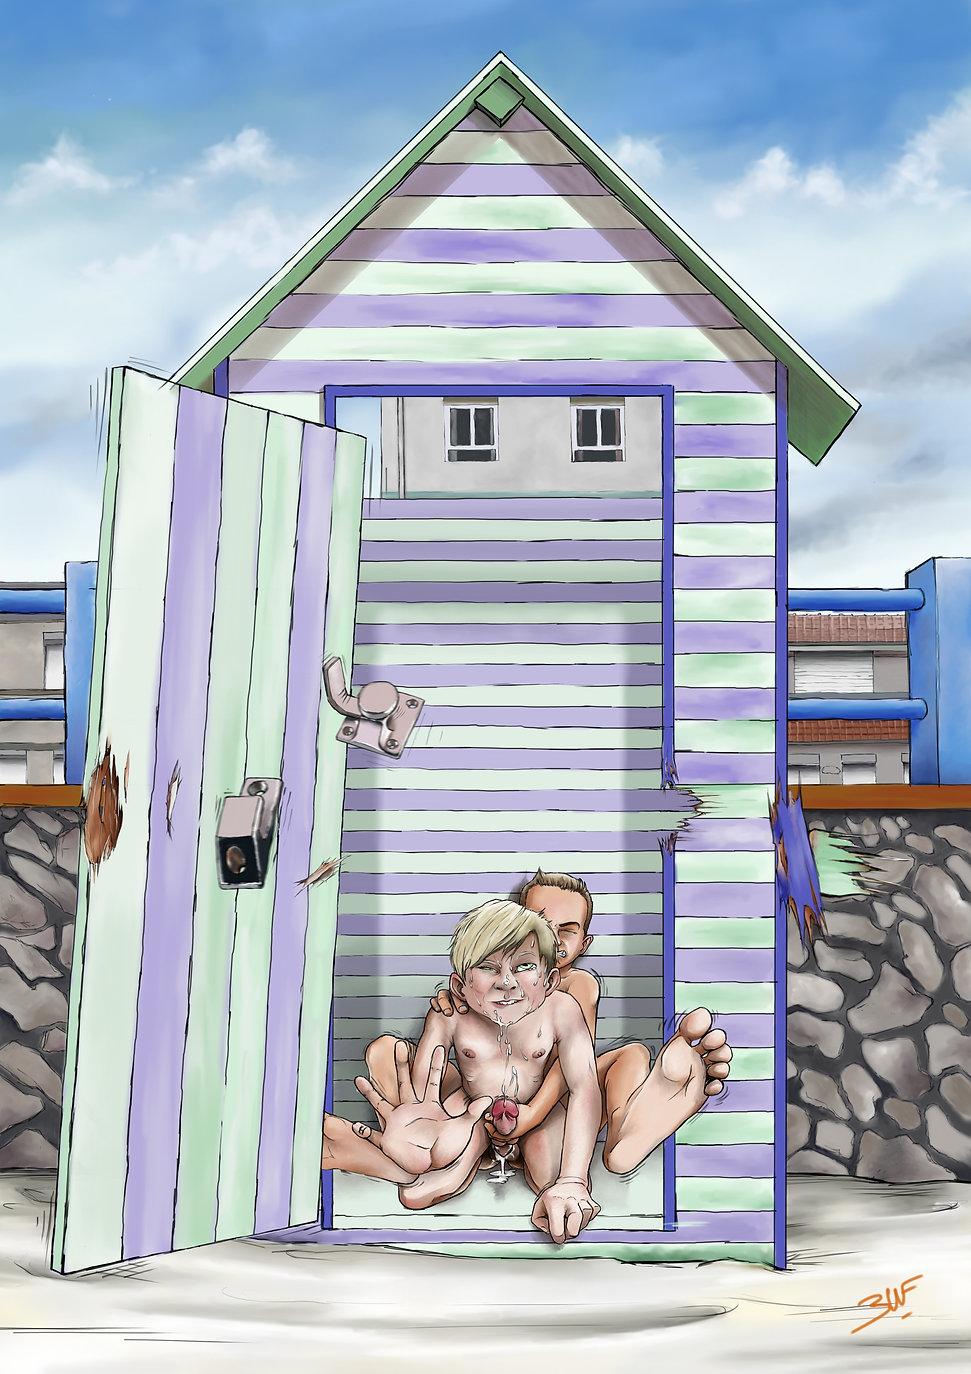 Kevin défonce le p'tit cul d'Arthus dans une cabine de plage et lui sperme dedans.